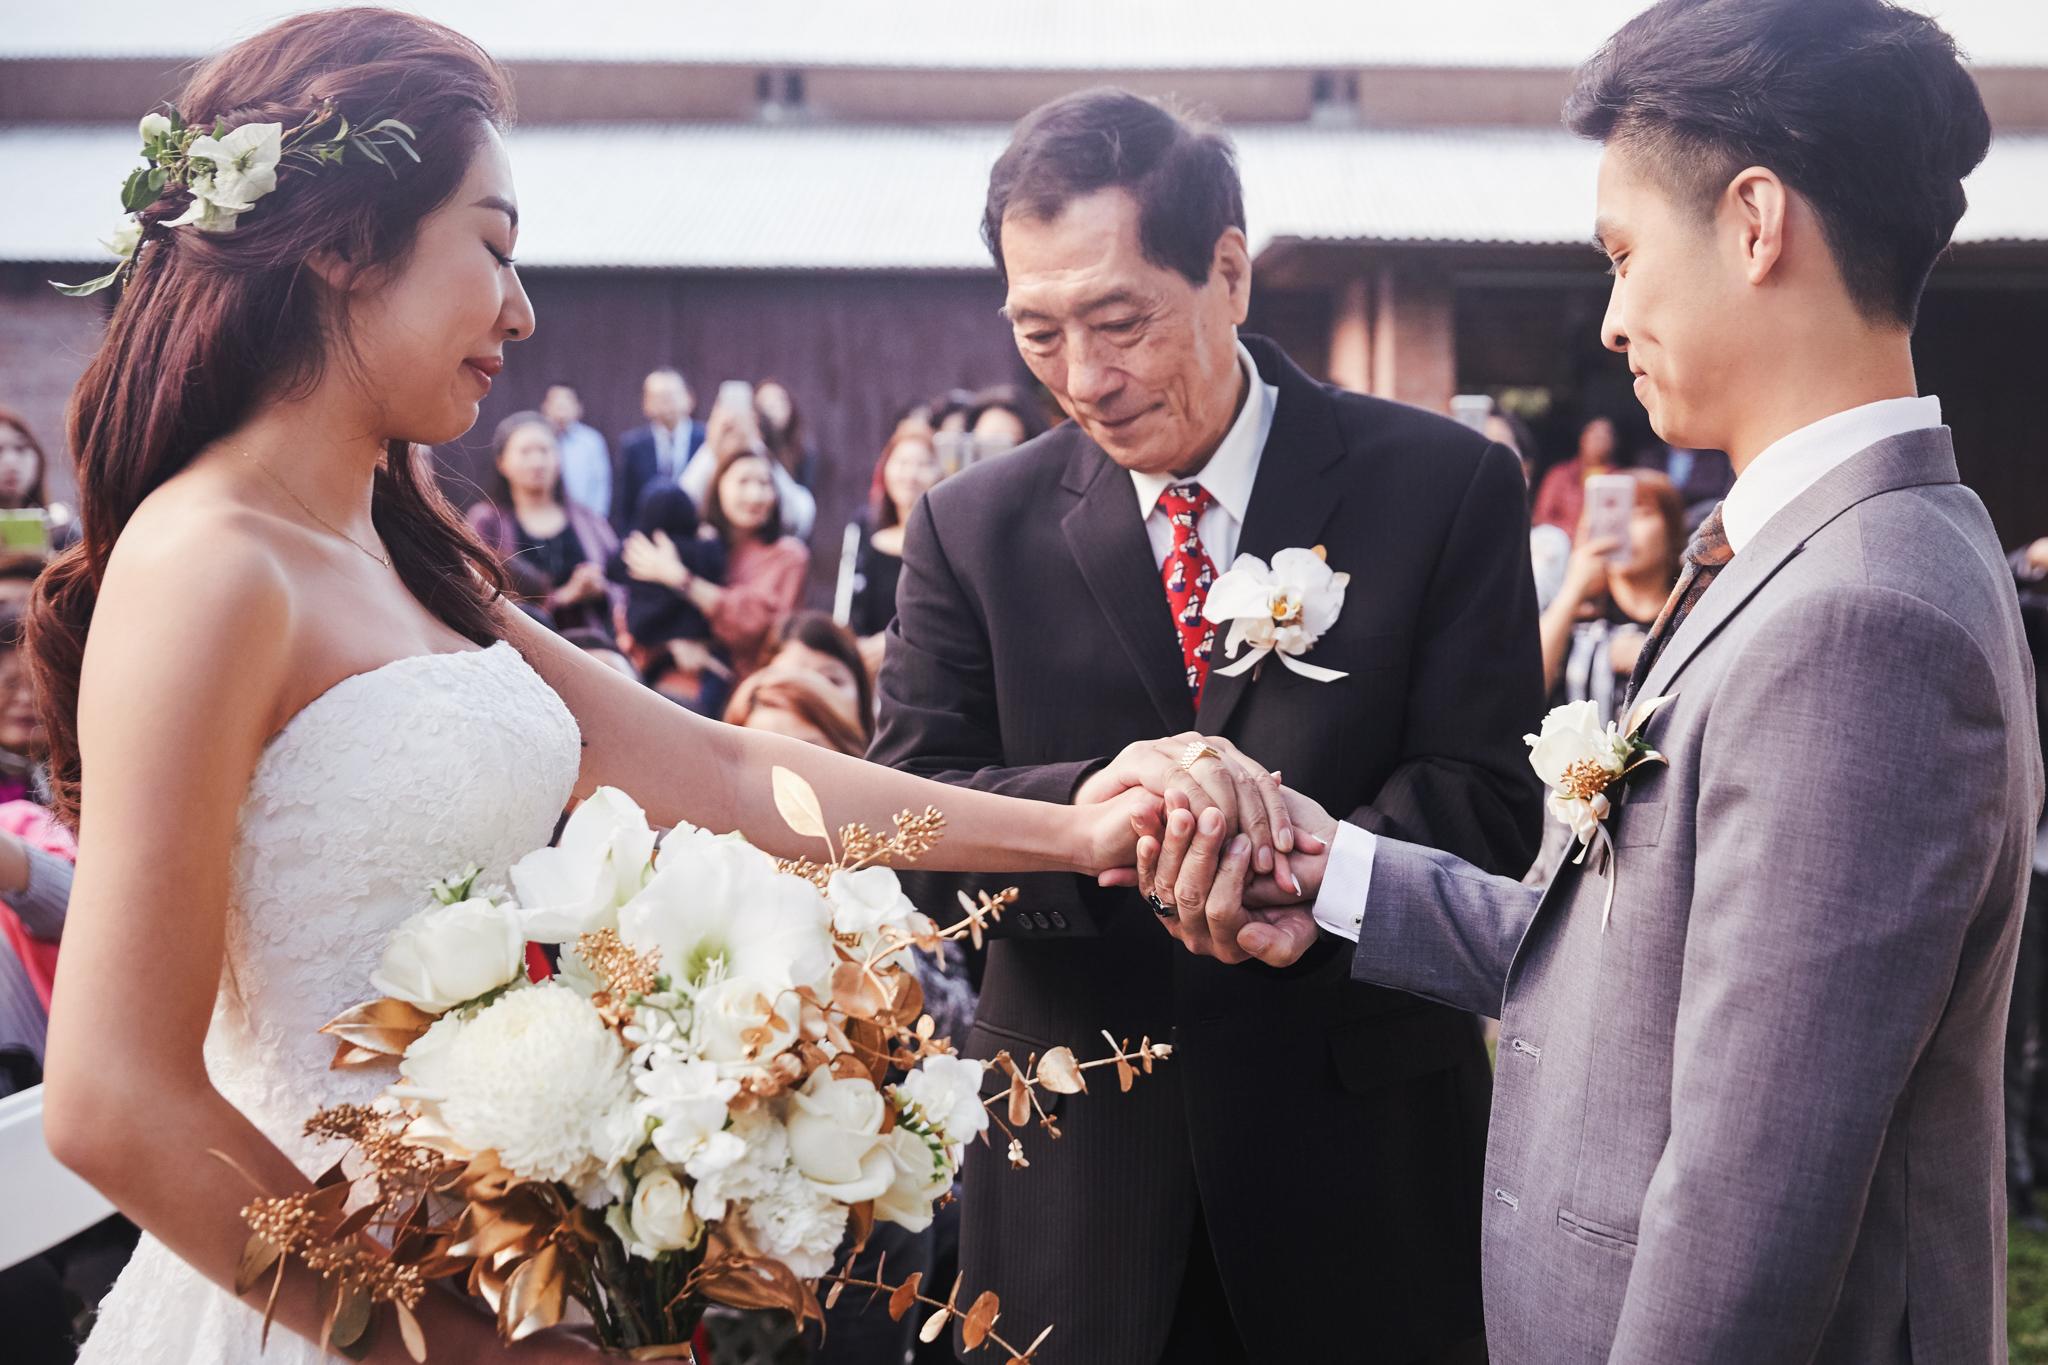 顏牧牧場婚禮, 婚攝推薦,台中婚攝,後院婚禮,戶外婚禮,美式婚禮-46